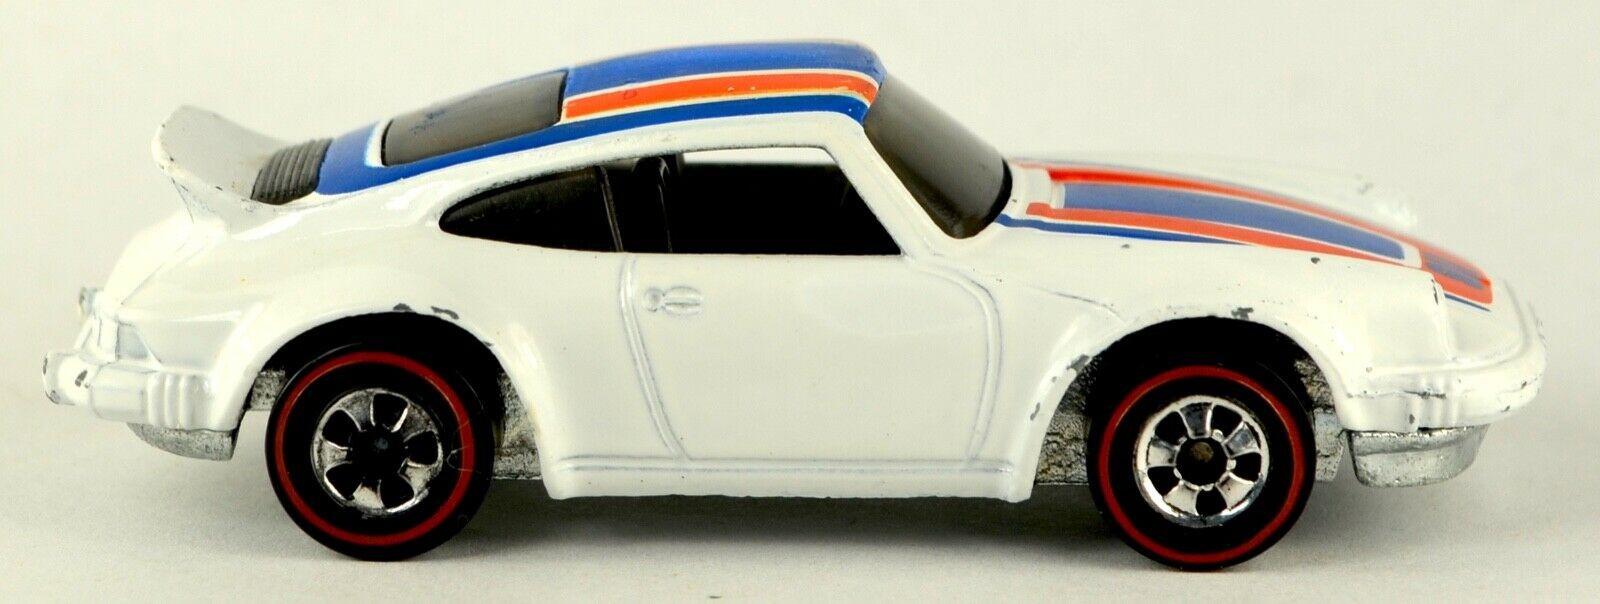 Hot Wheels Redline Porsche